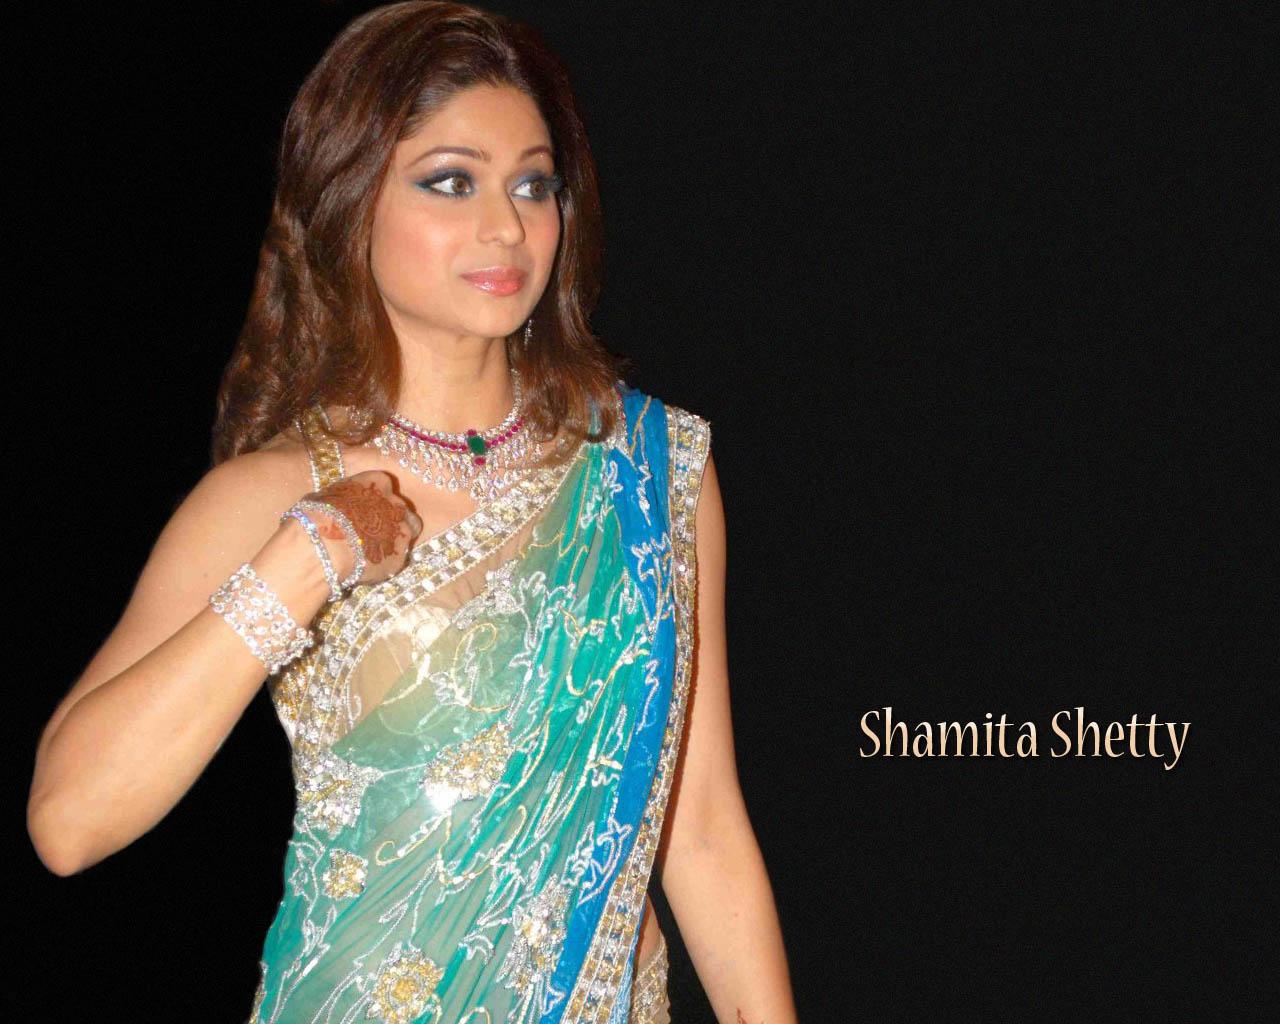 Shamita Shetty